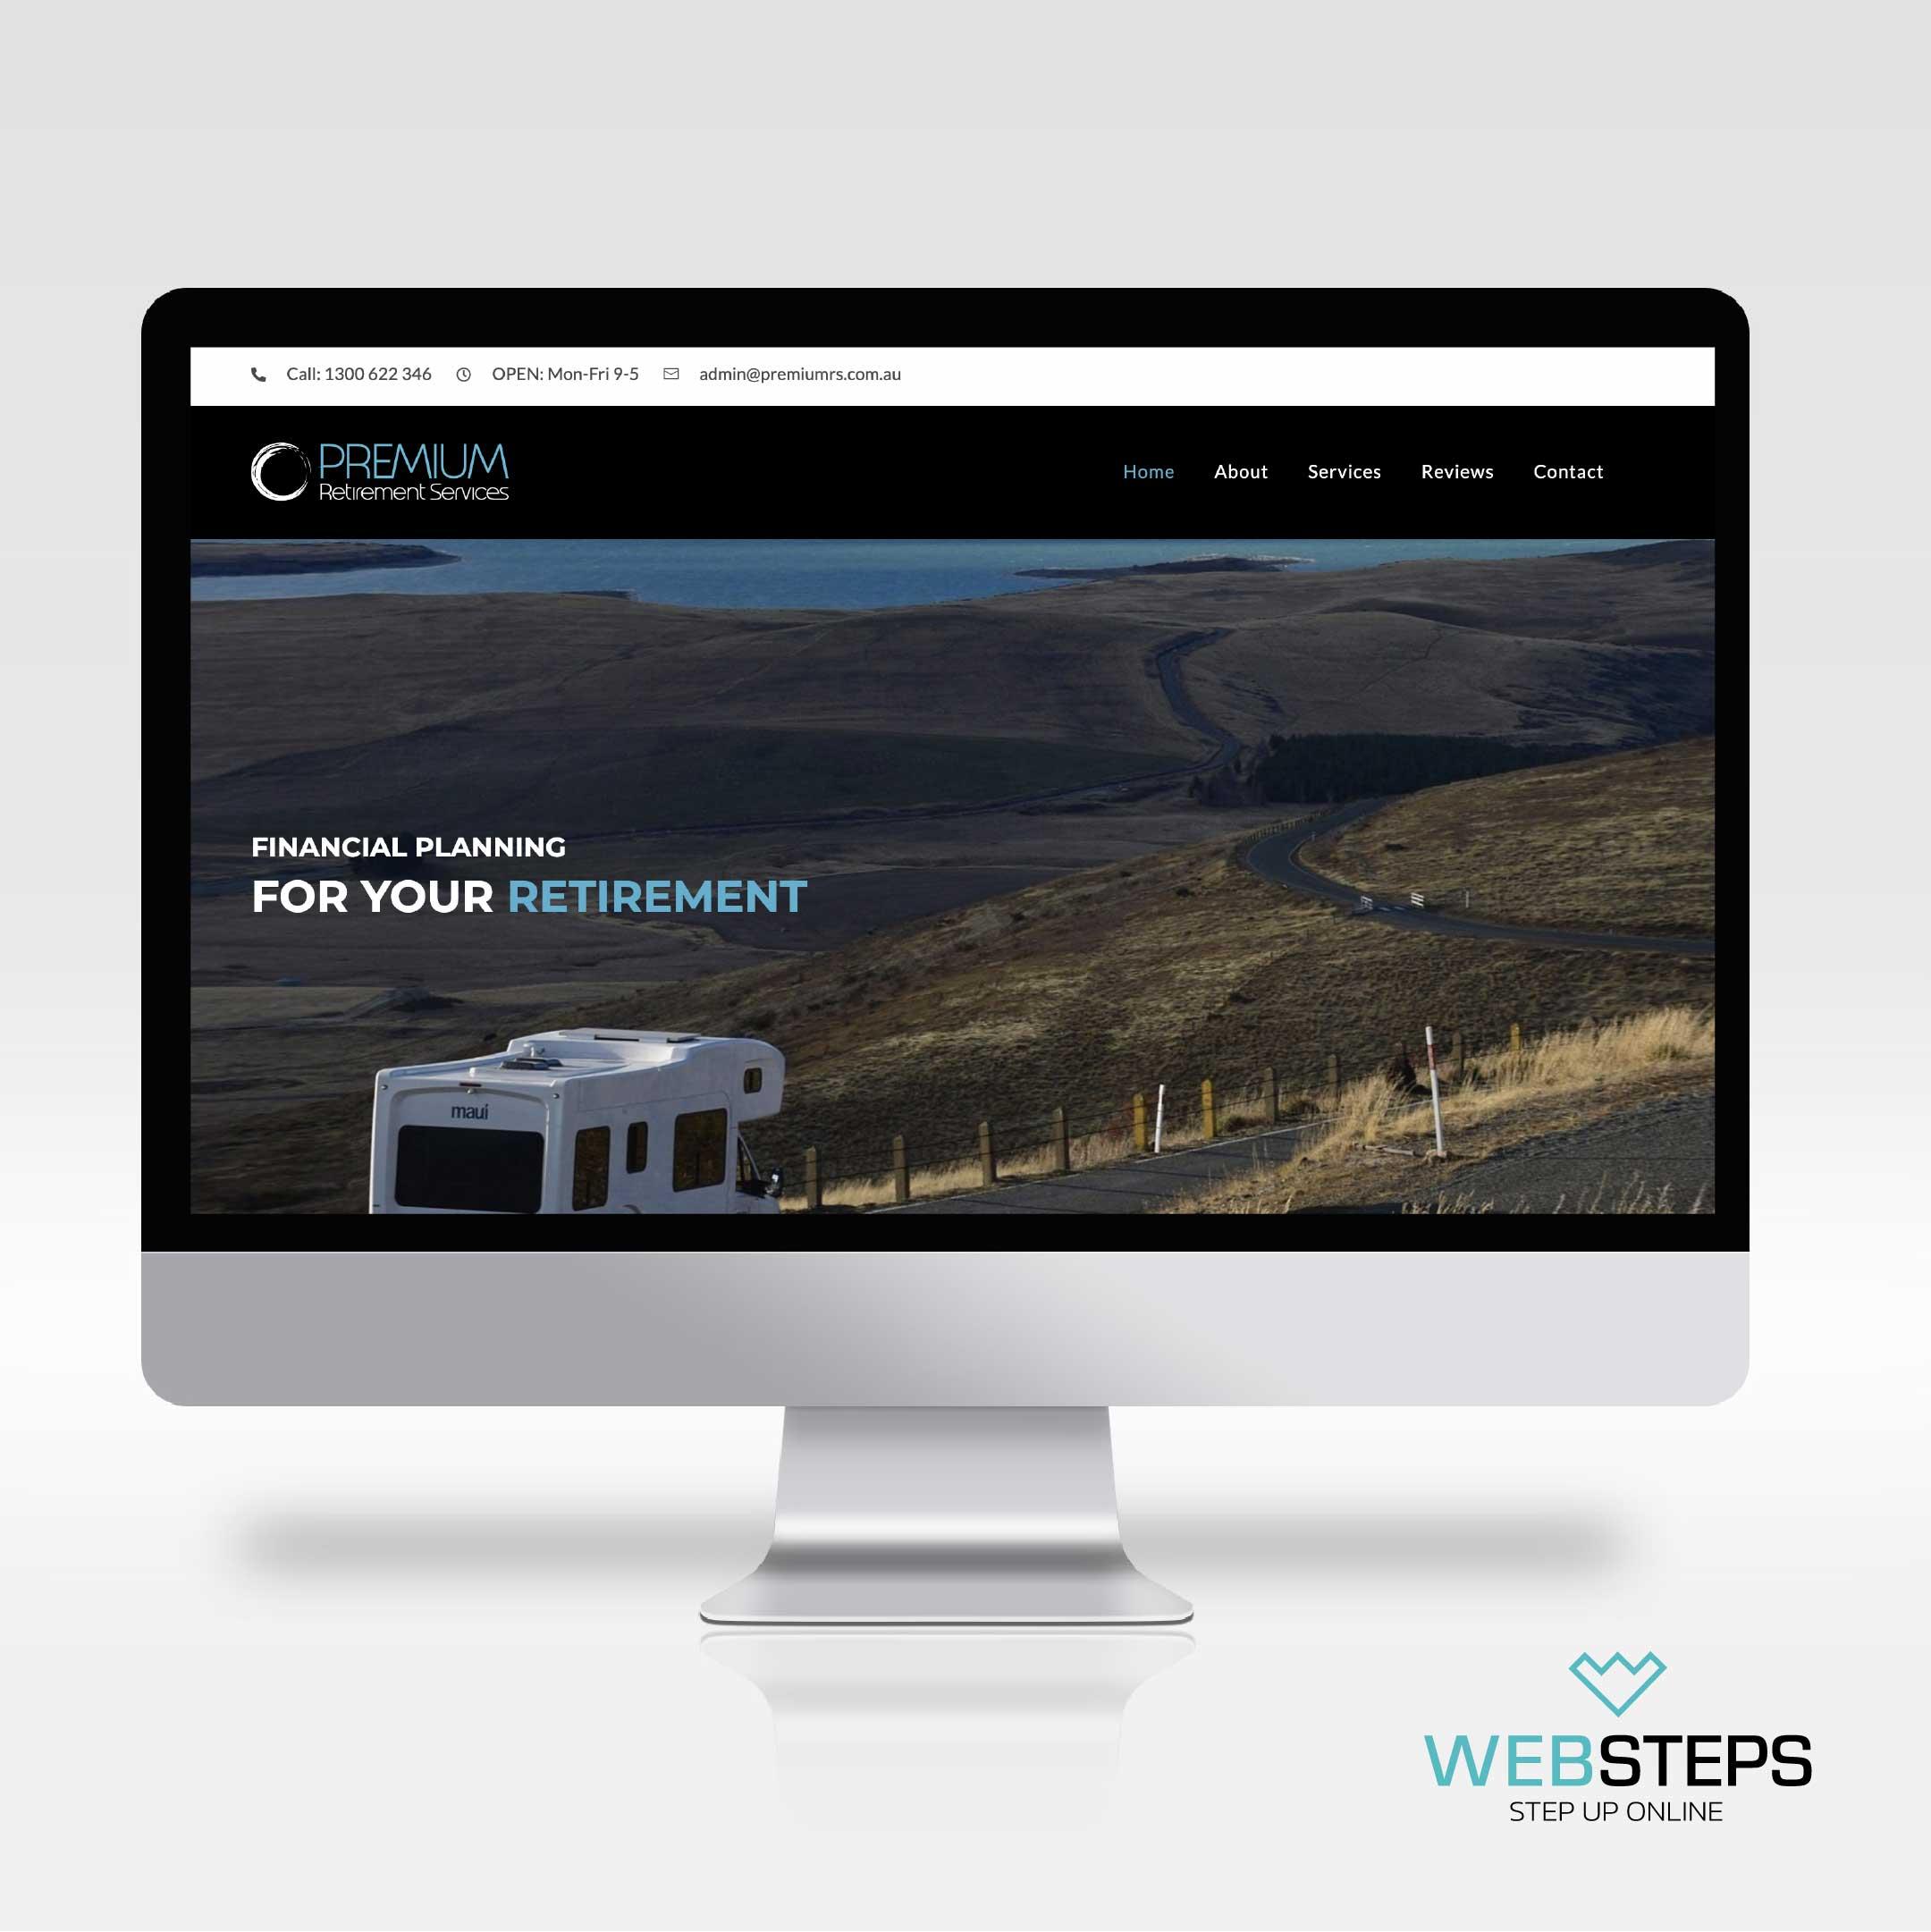 premium-websteps-website